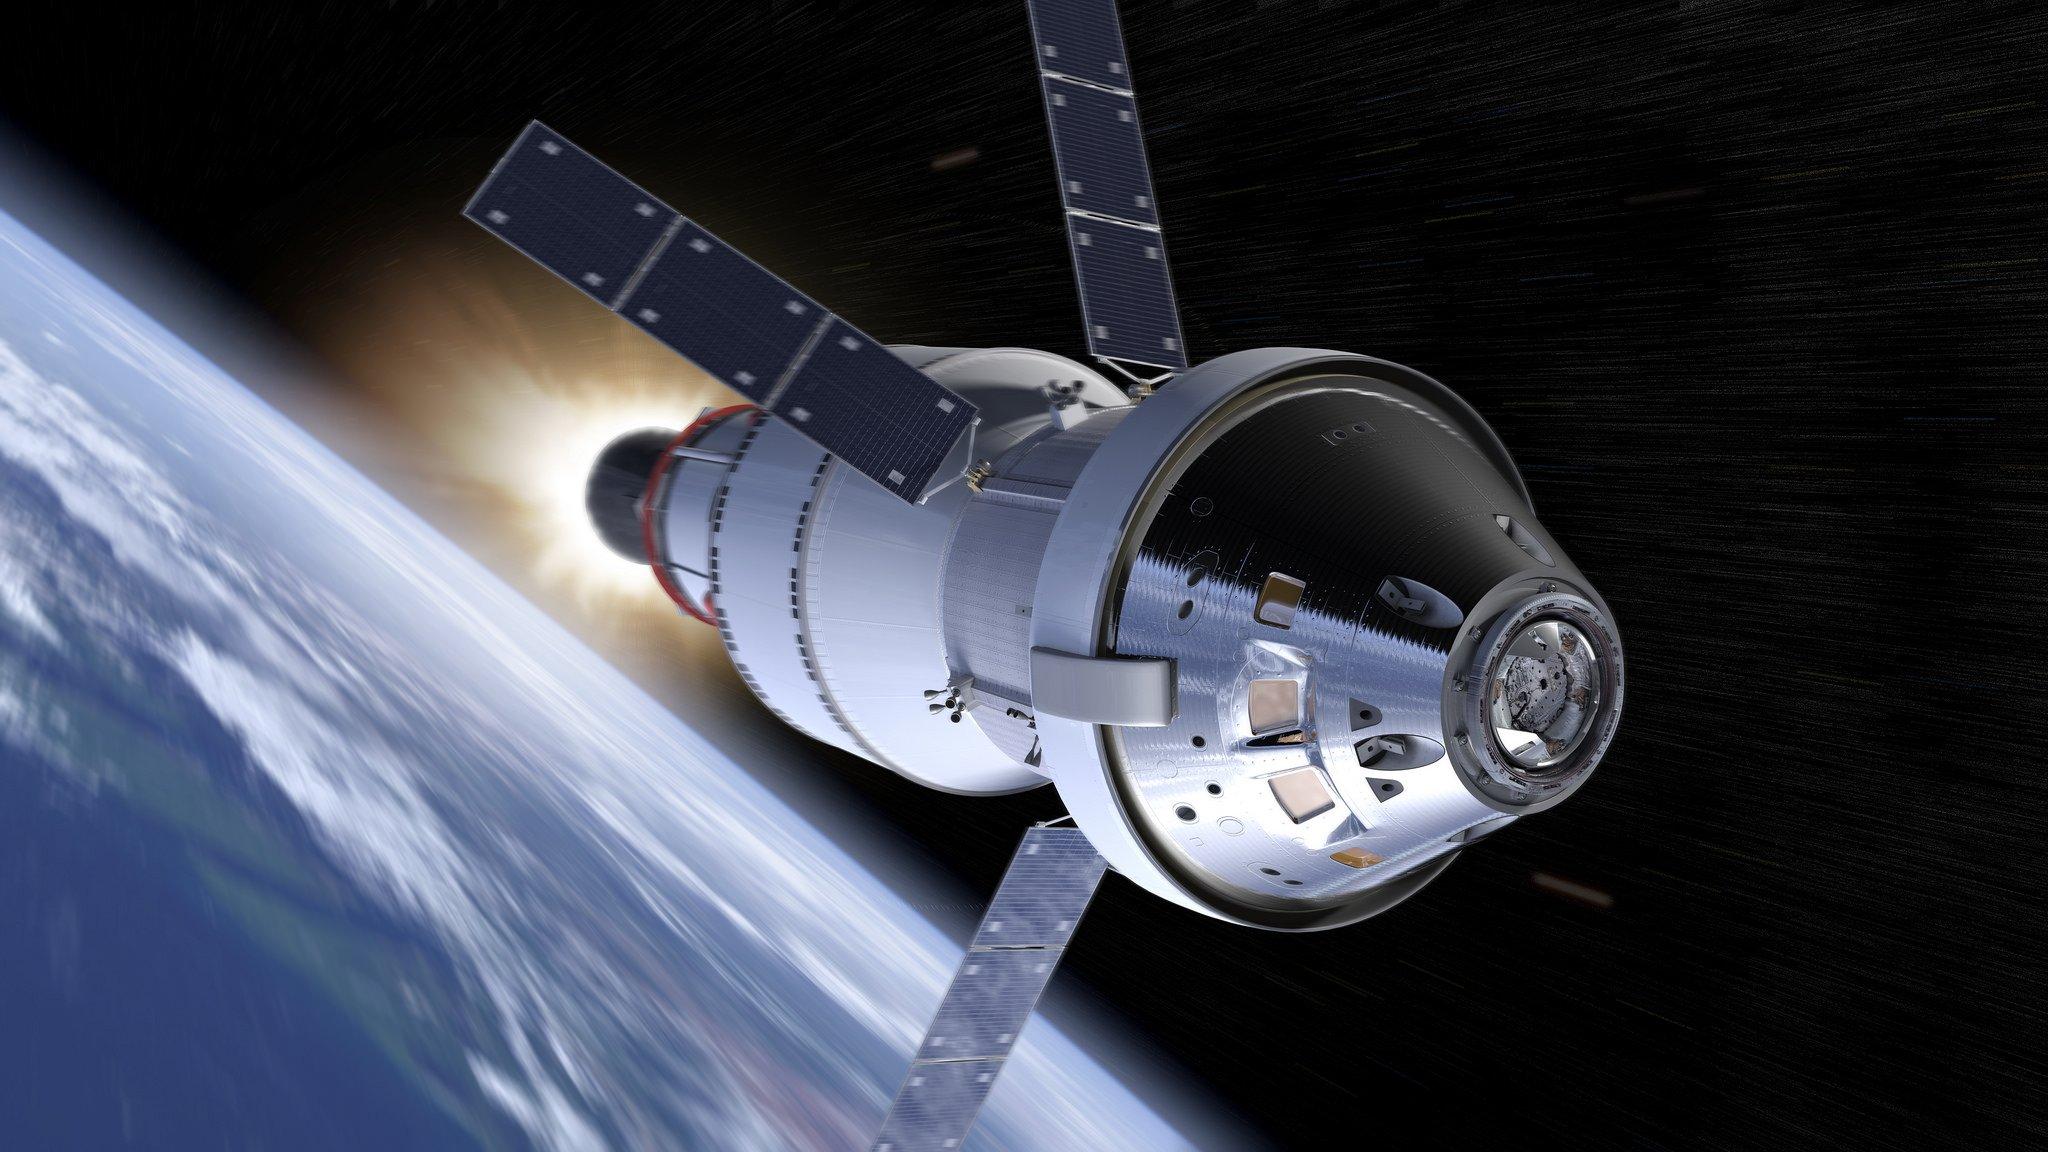 Ракета-носитель SLS запустят в 2019 ибез экипажа